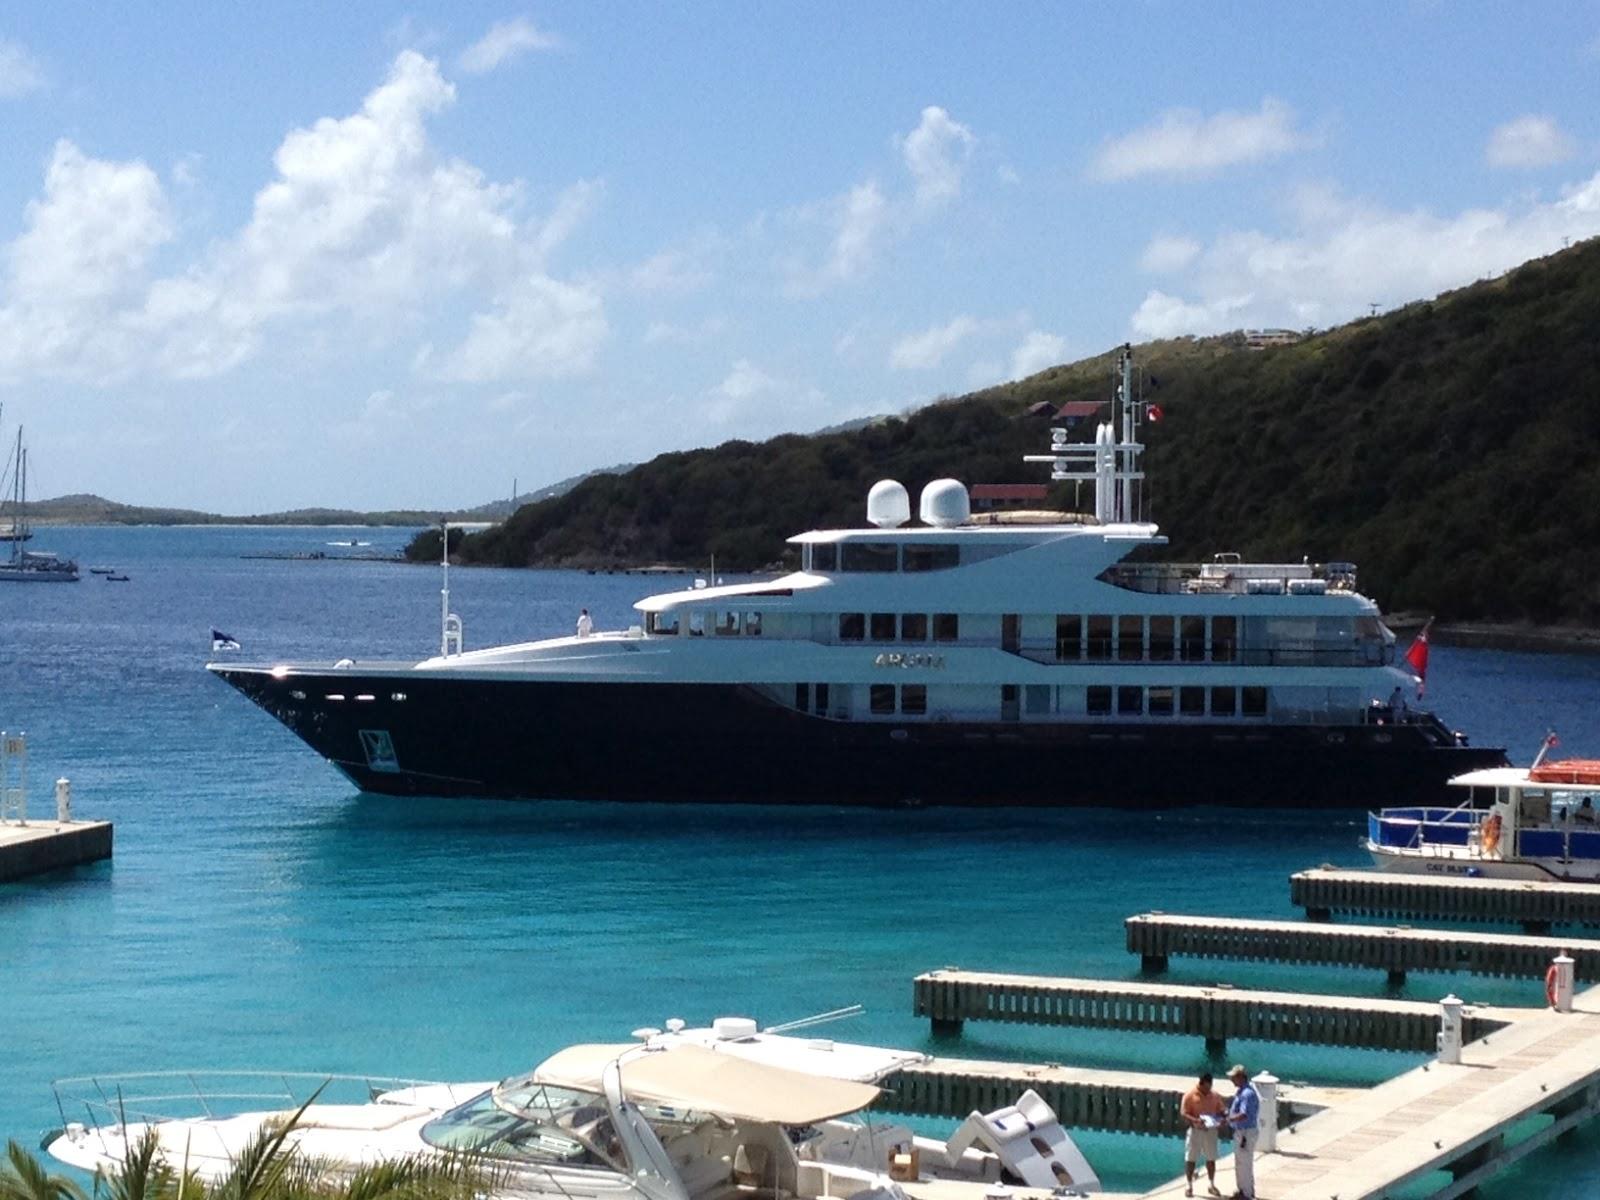 Yacht FOCUS - Caribbean Marina